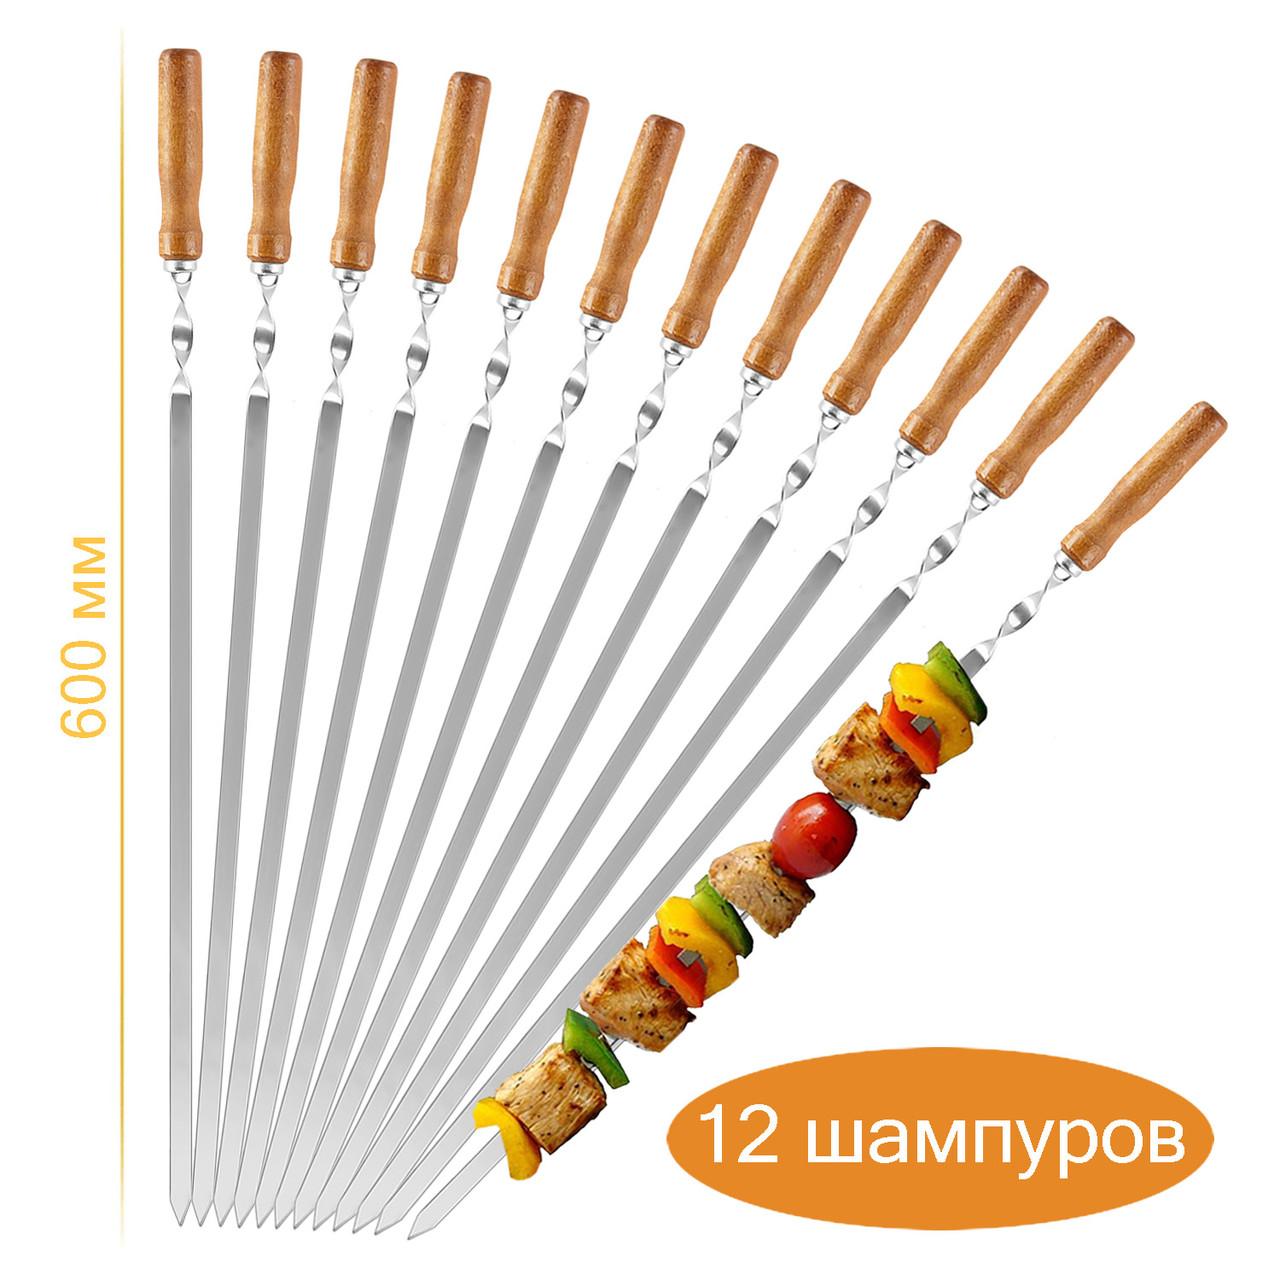 Набор 12 шампуров 600/11/2мм нержавейка прочные деревянная ручка Ручная работа